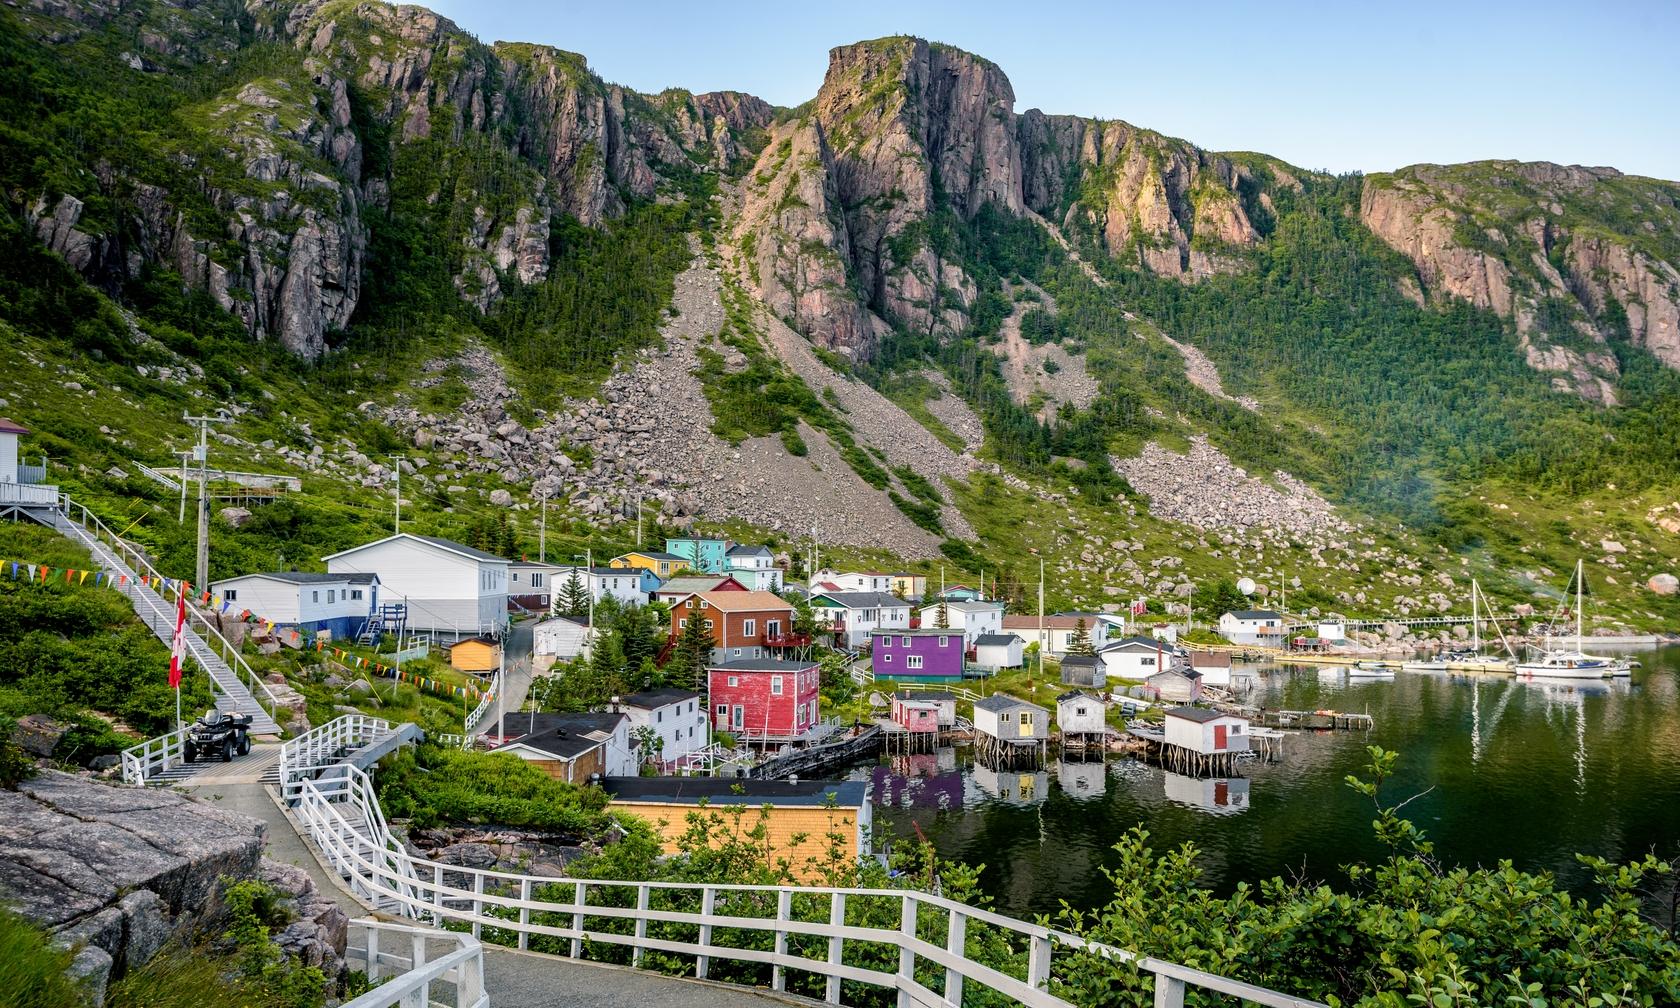 Vacation rentals in Newfoundland and Labrador